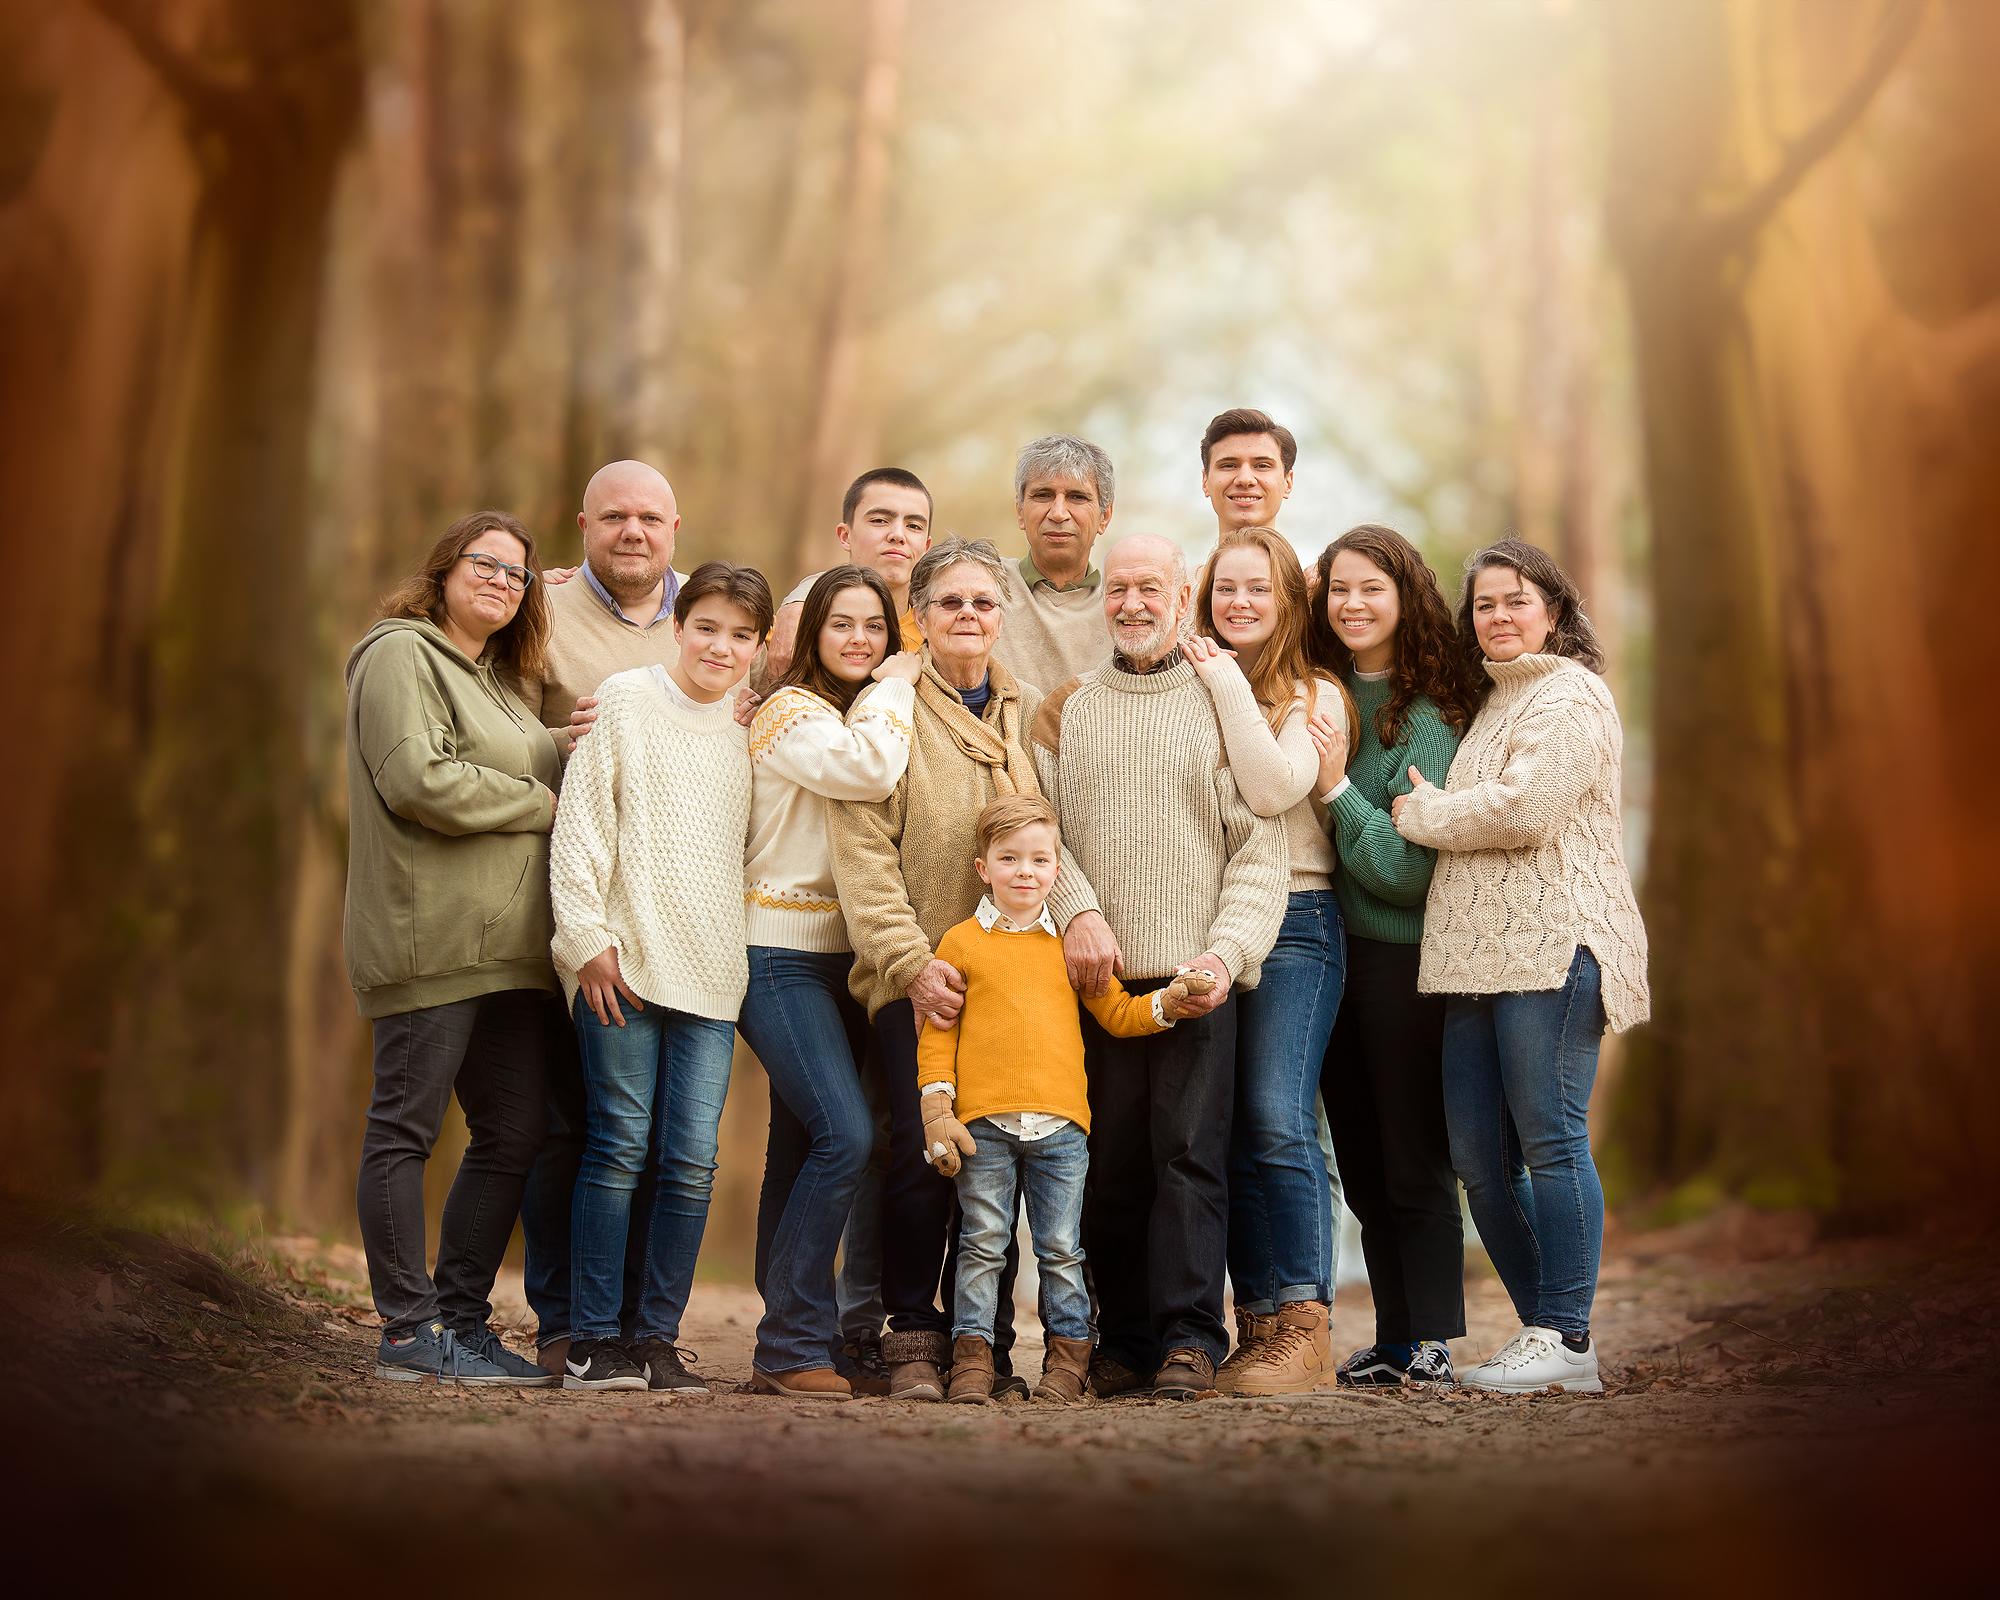 Familieportret door natuurlijk licht fotografie en workshop Willie Kers uit Apeldoorn